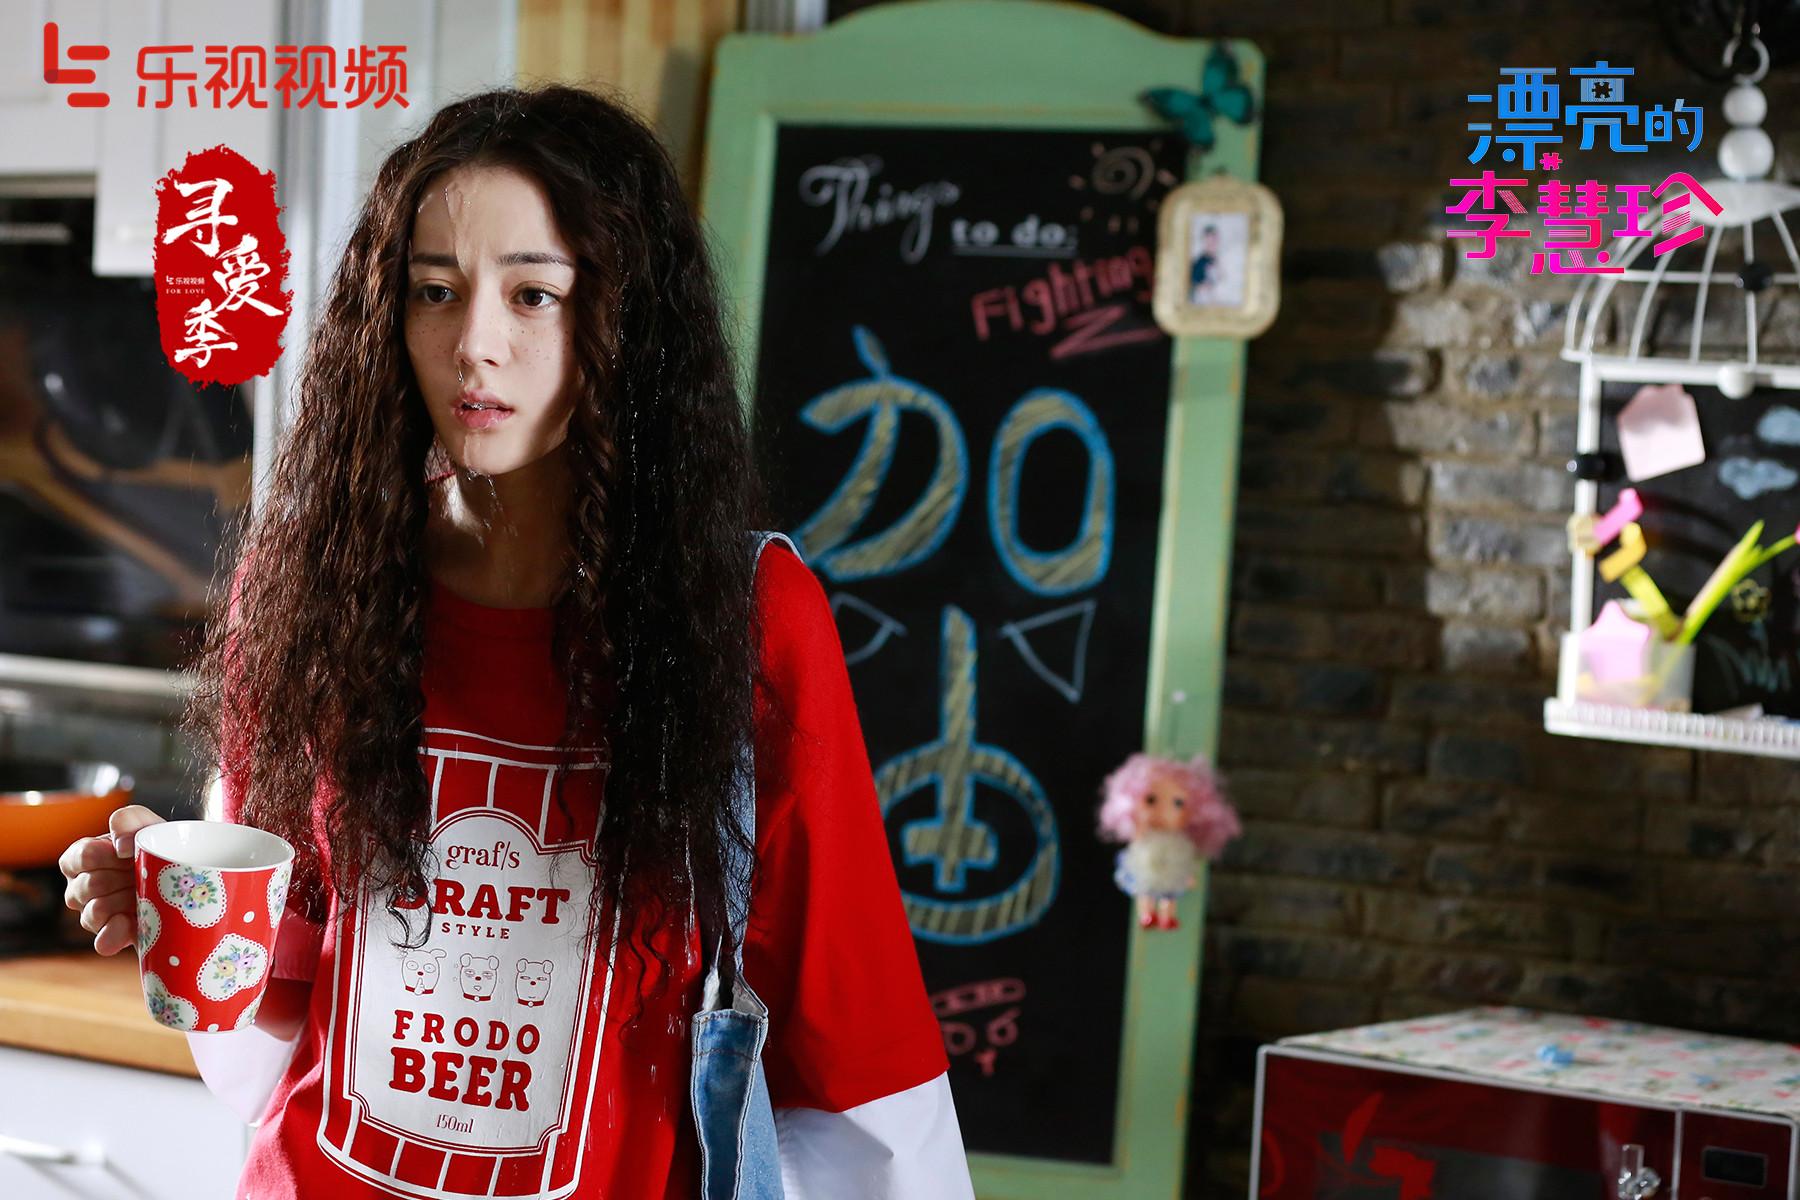 http://www.weixinrensheng.com/zhichang/2395133.html